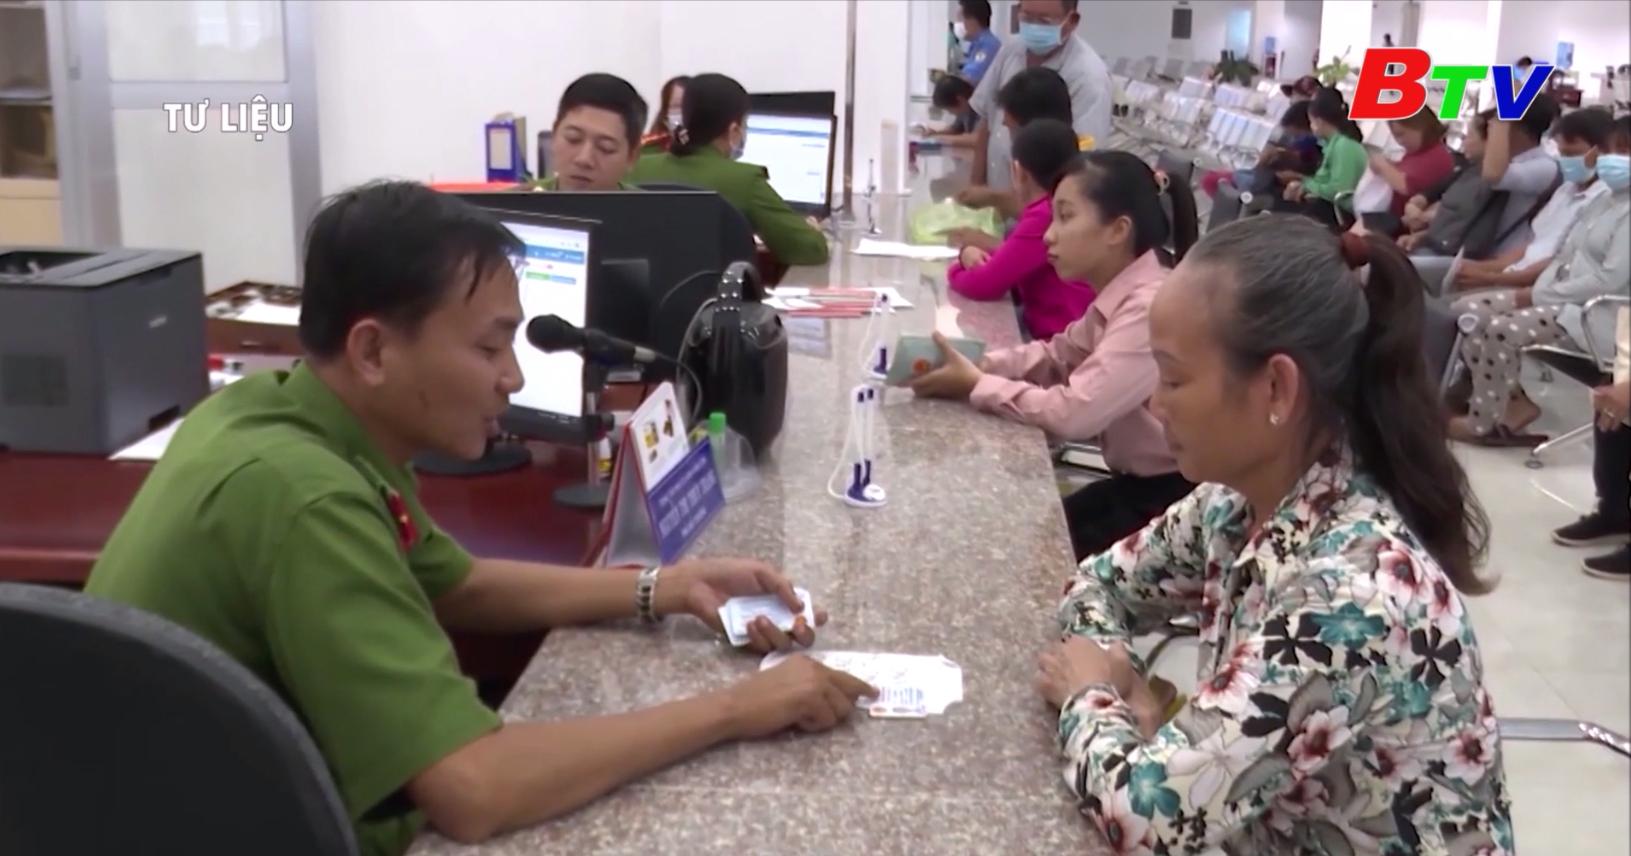 Đầu năm 2021 phát hành thẻ căn cước công dân mẫu mới